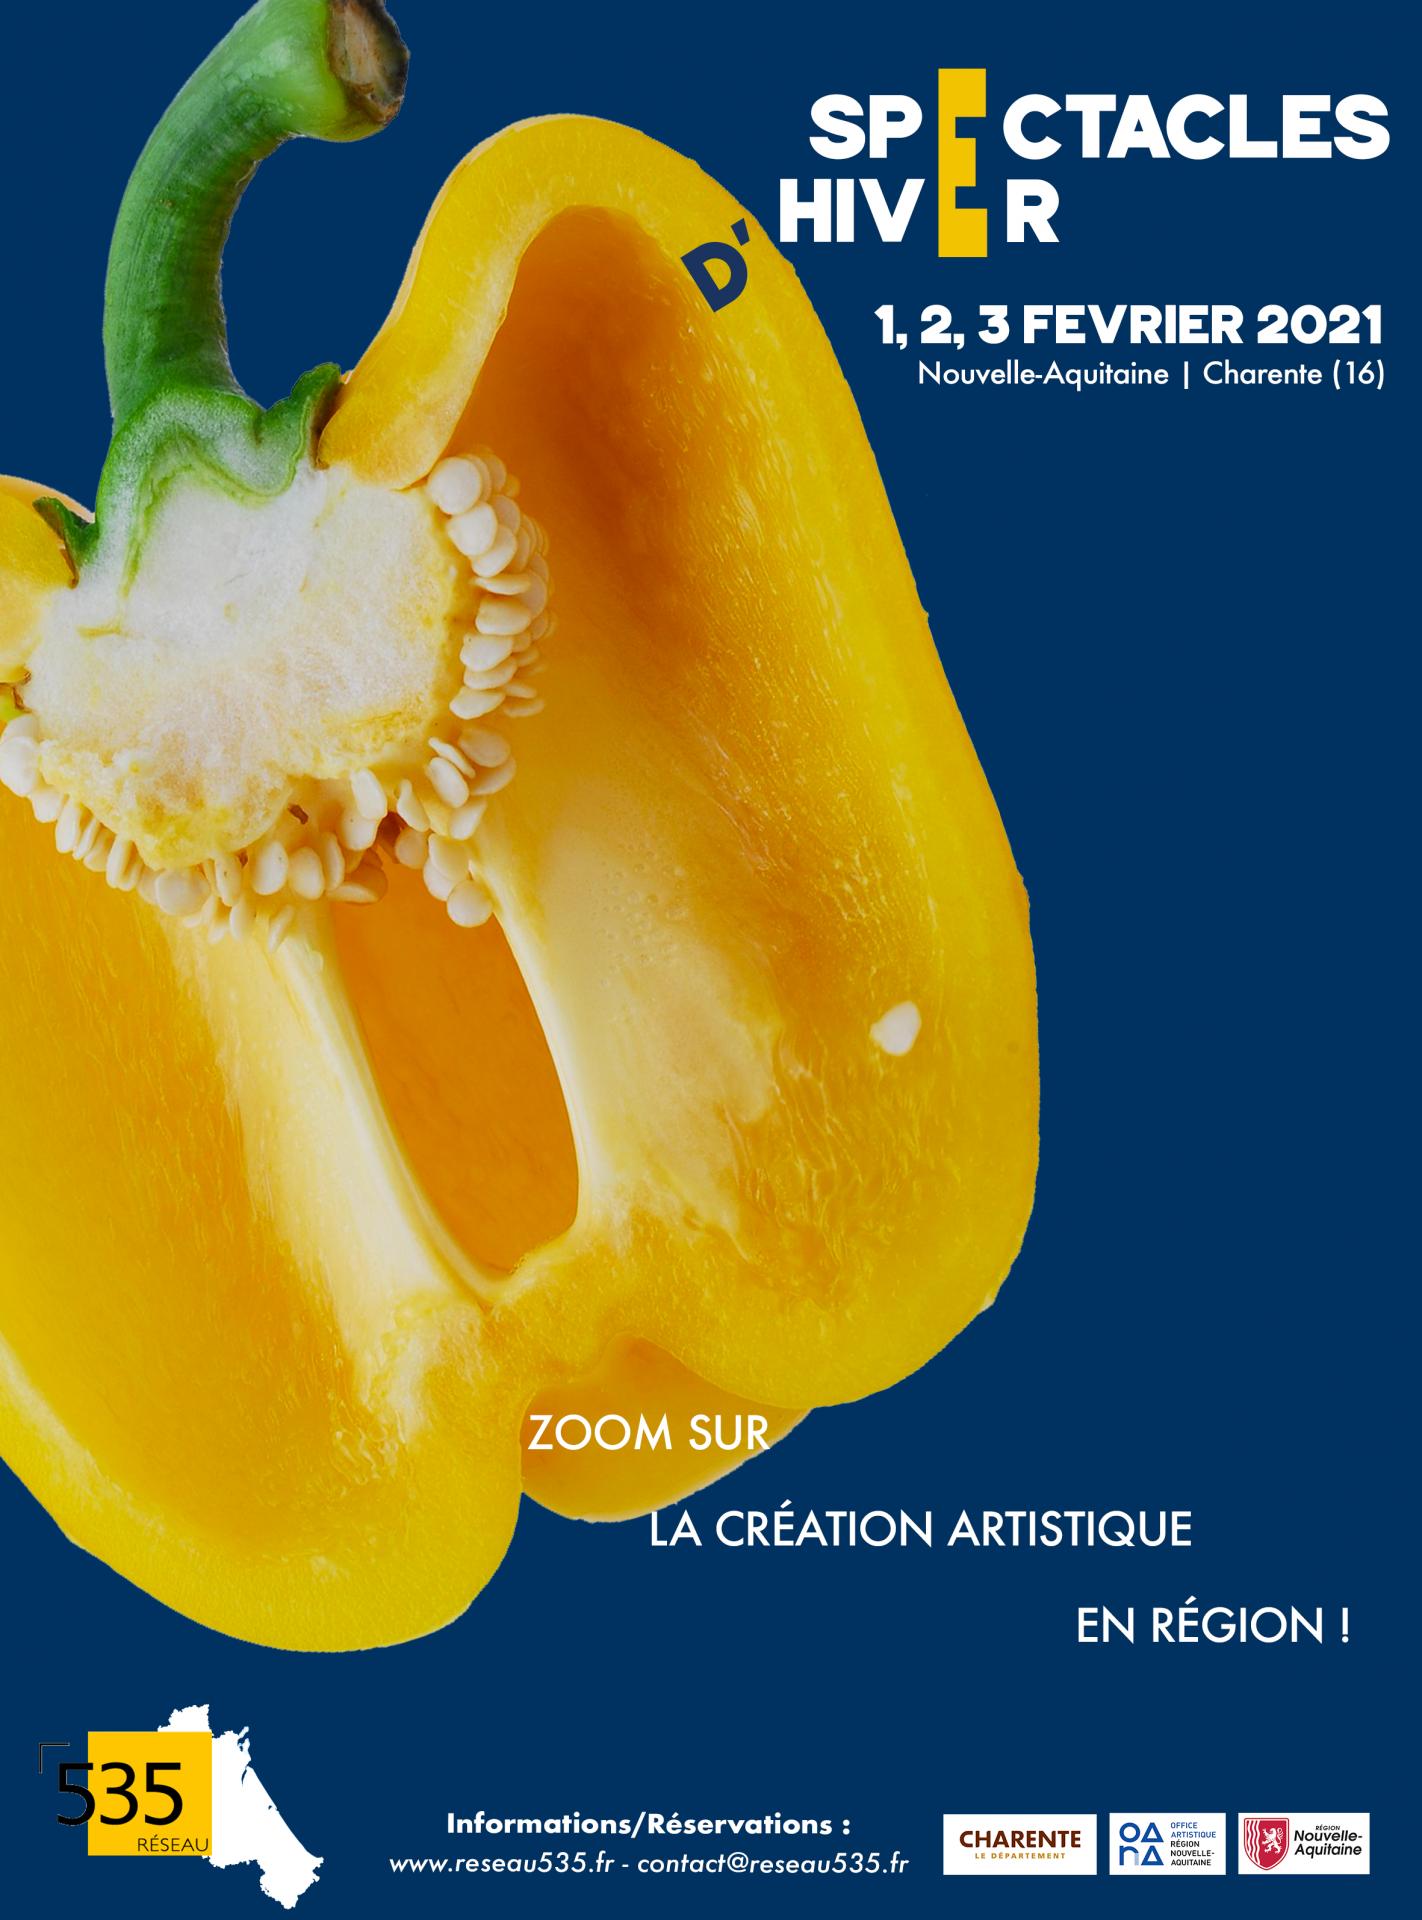 Affiche Spectacles d'Hiver 2021